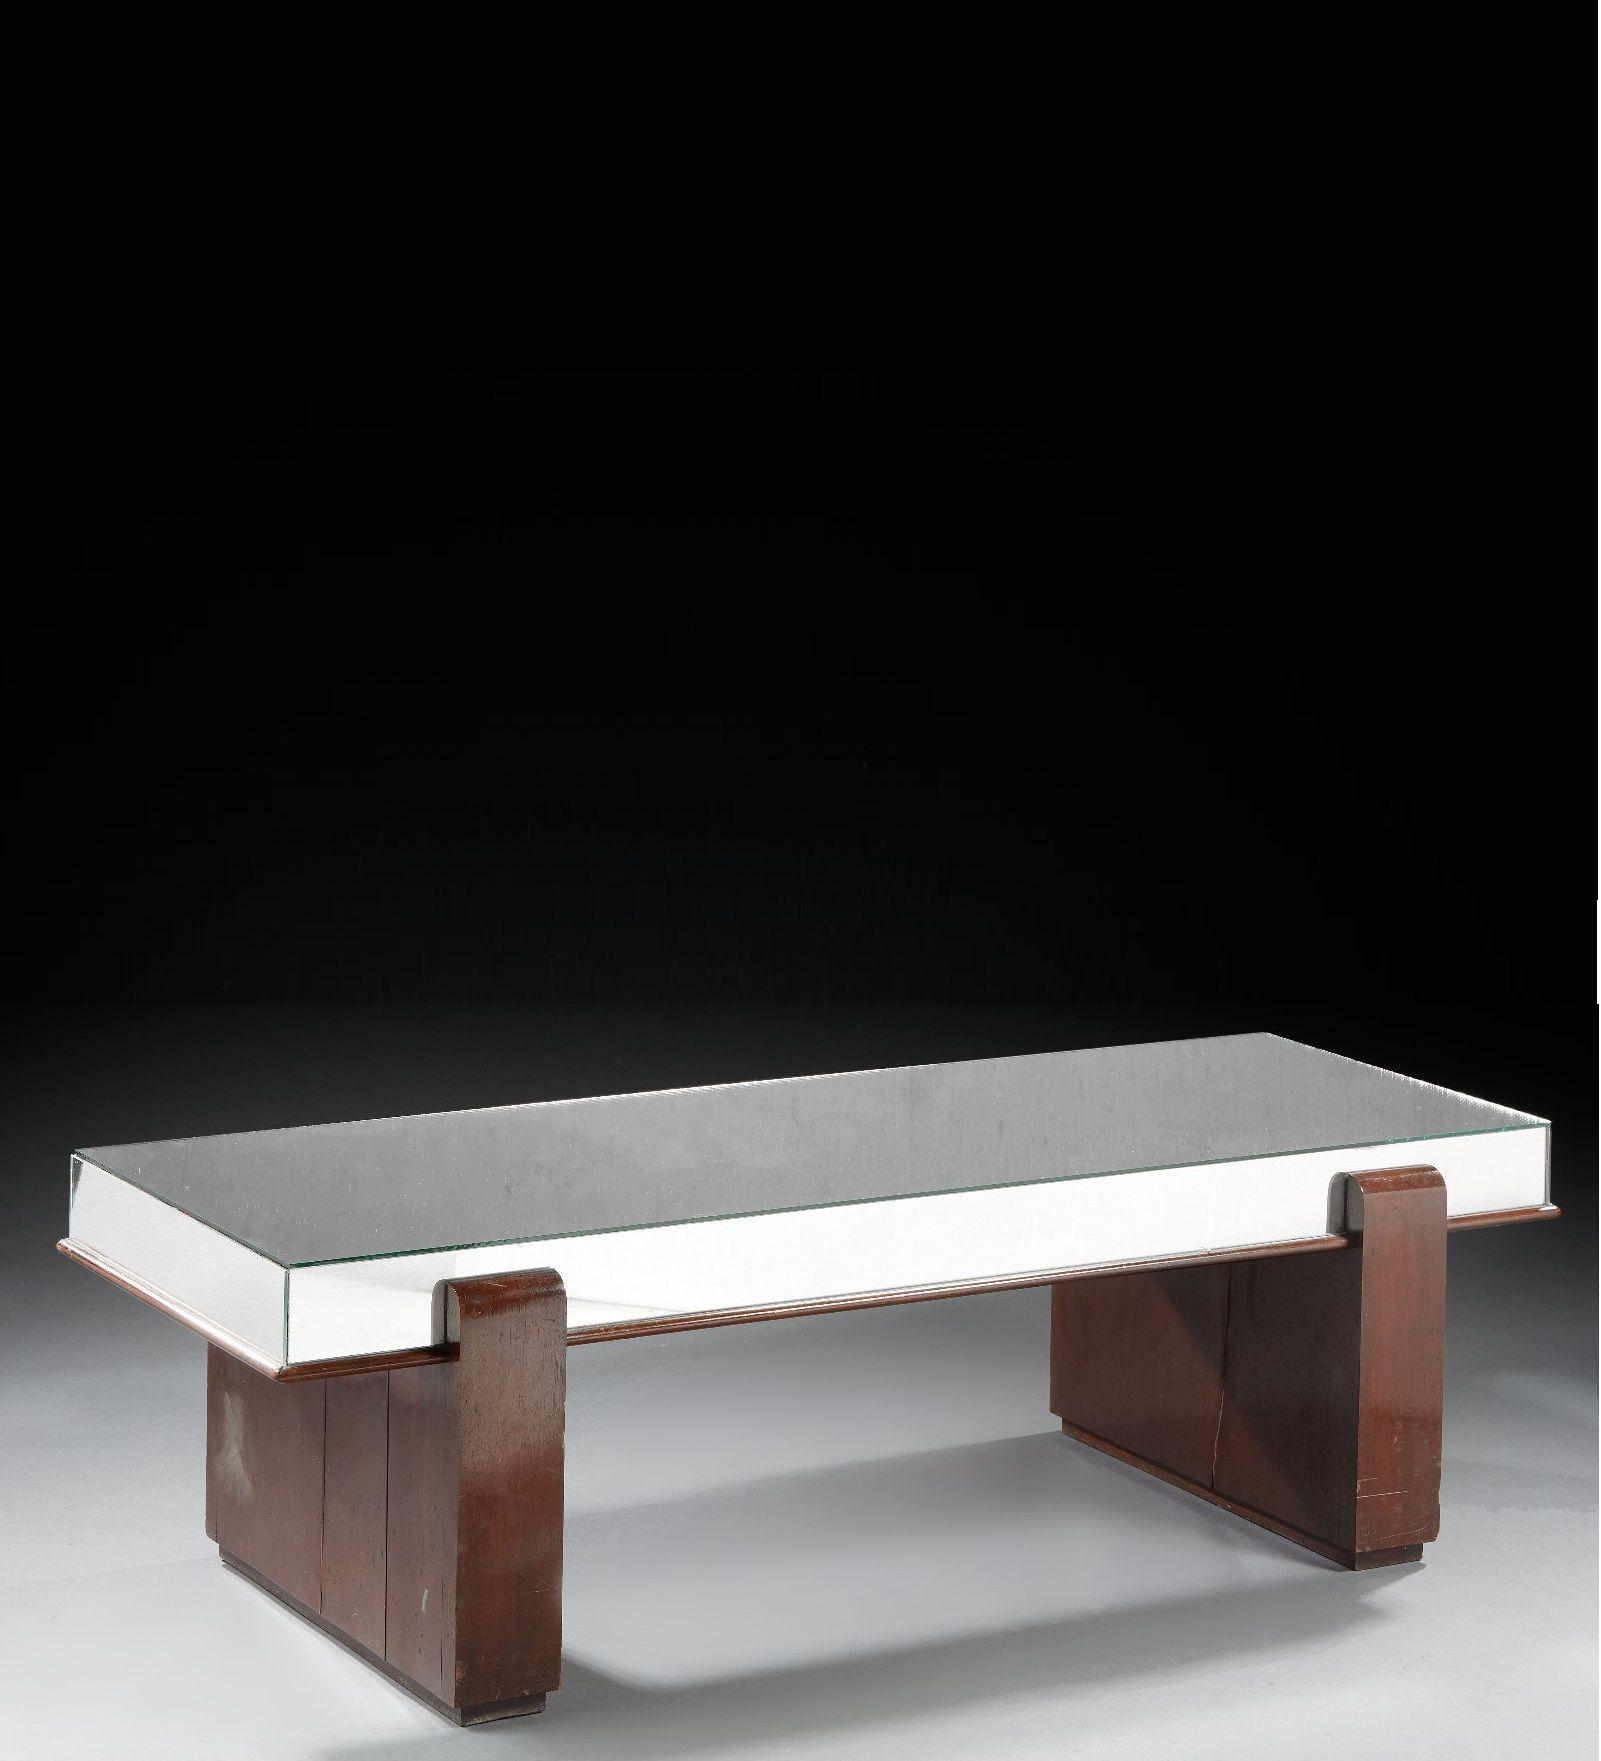 Art Deco Coffee Table By Maison Dominique Art Deco Coffee Table Bronze Decor French Art Deco Furniture [ 1761 x 1601 Pixel ]